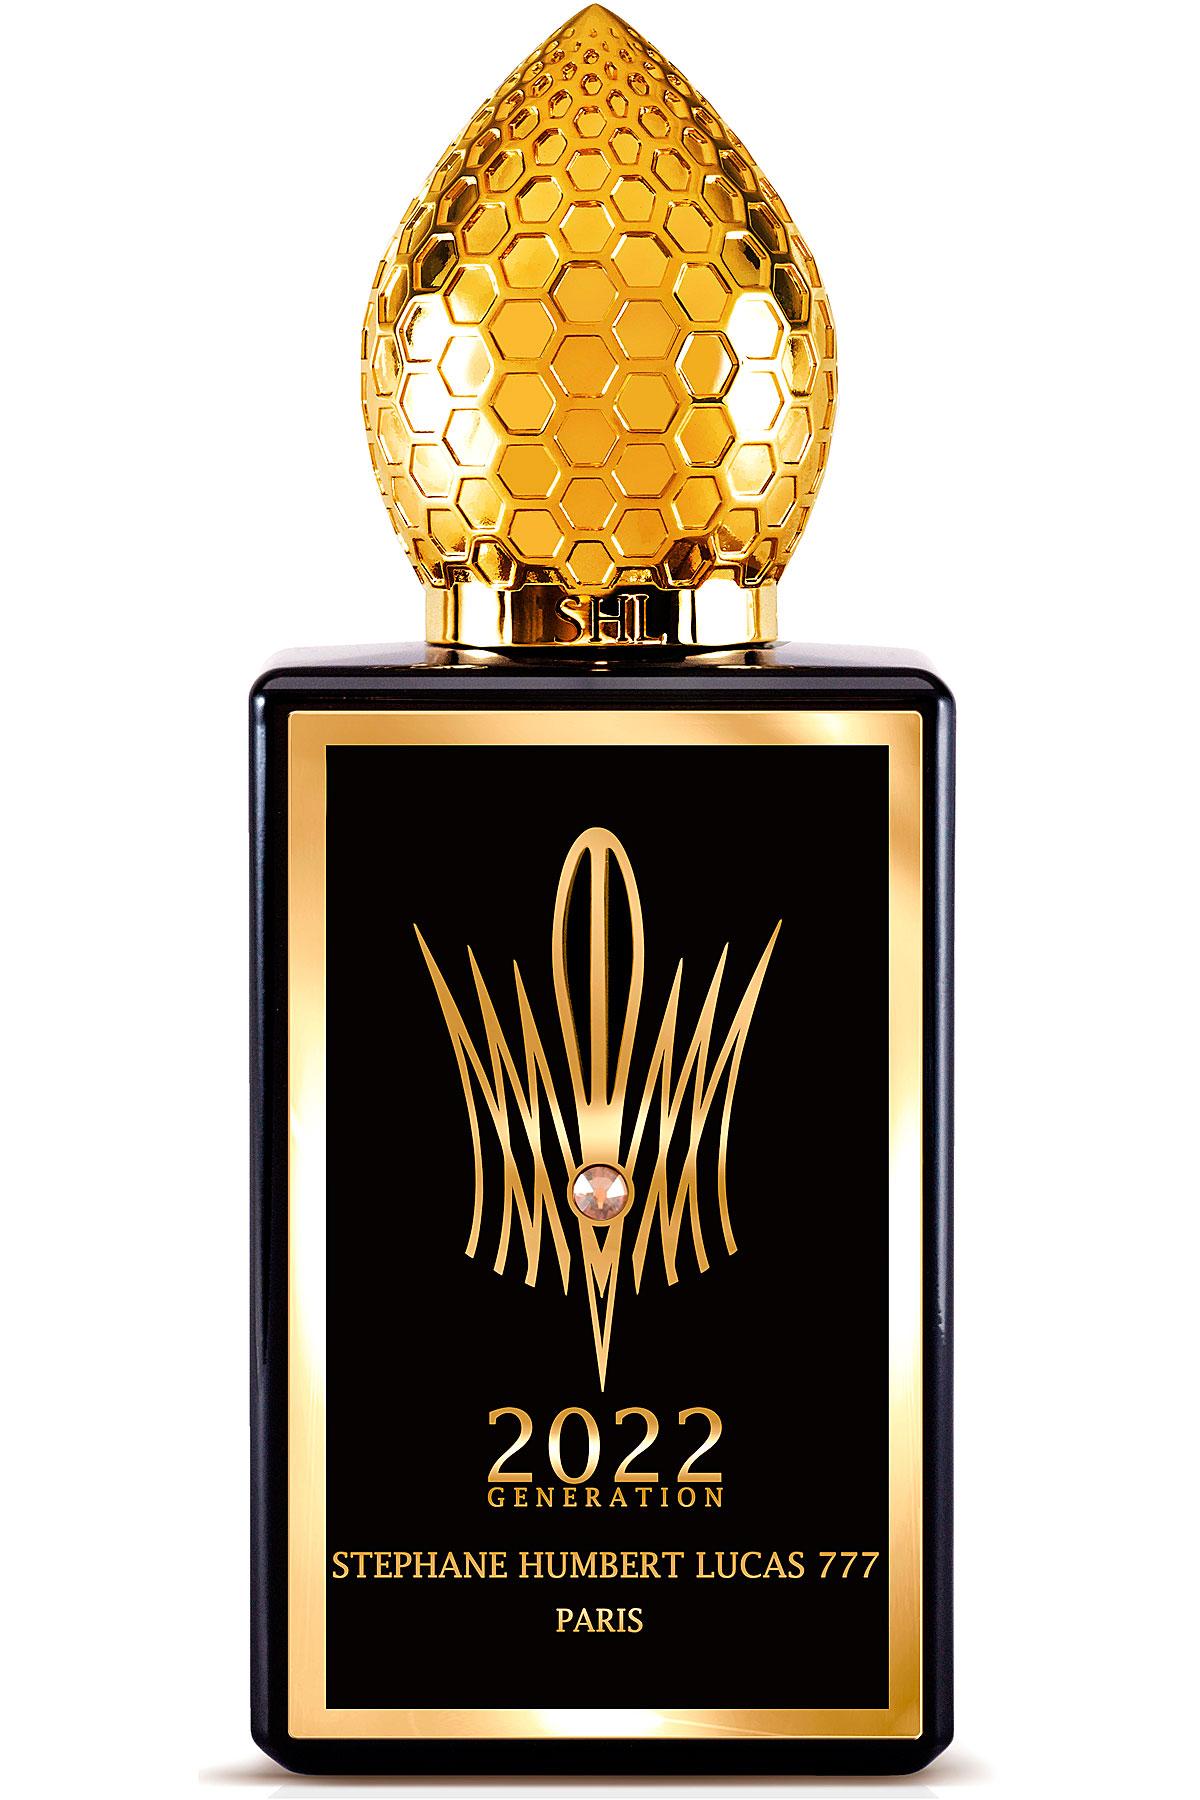 Stephane Humbert Lucas 777 Paris Fragrances for Men, 2022 Generation Black - Eau De Parfum - 50 Ml, 2019, 50 ml